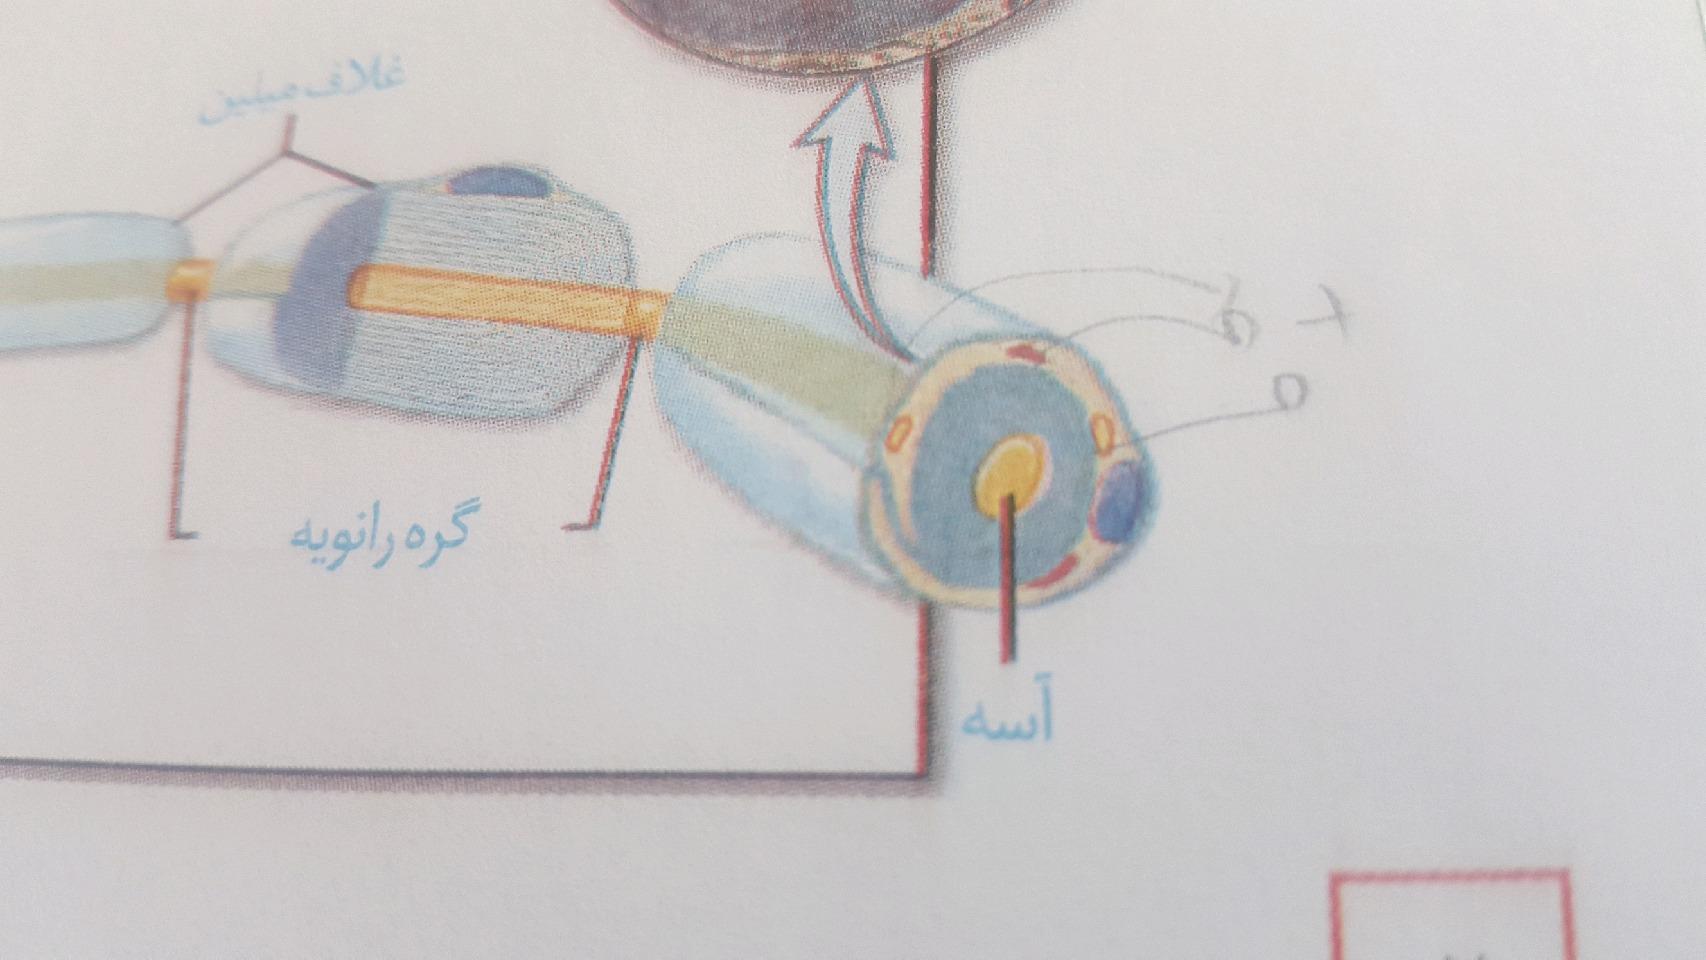 تصویر ضمیمه سوال: غلاف میلین همان غشای یاخته ی پشتیبان سازنده ی آن است و بر اساس شکل در غلاف میلین(که همان غشاء است)هسته مشاهده می شود.اما هسته که در یک سلول در سیتوپلاسم آن حضور دارد پس چطور ممکن است که در غشاء یاخته دیده شود؟؟